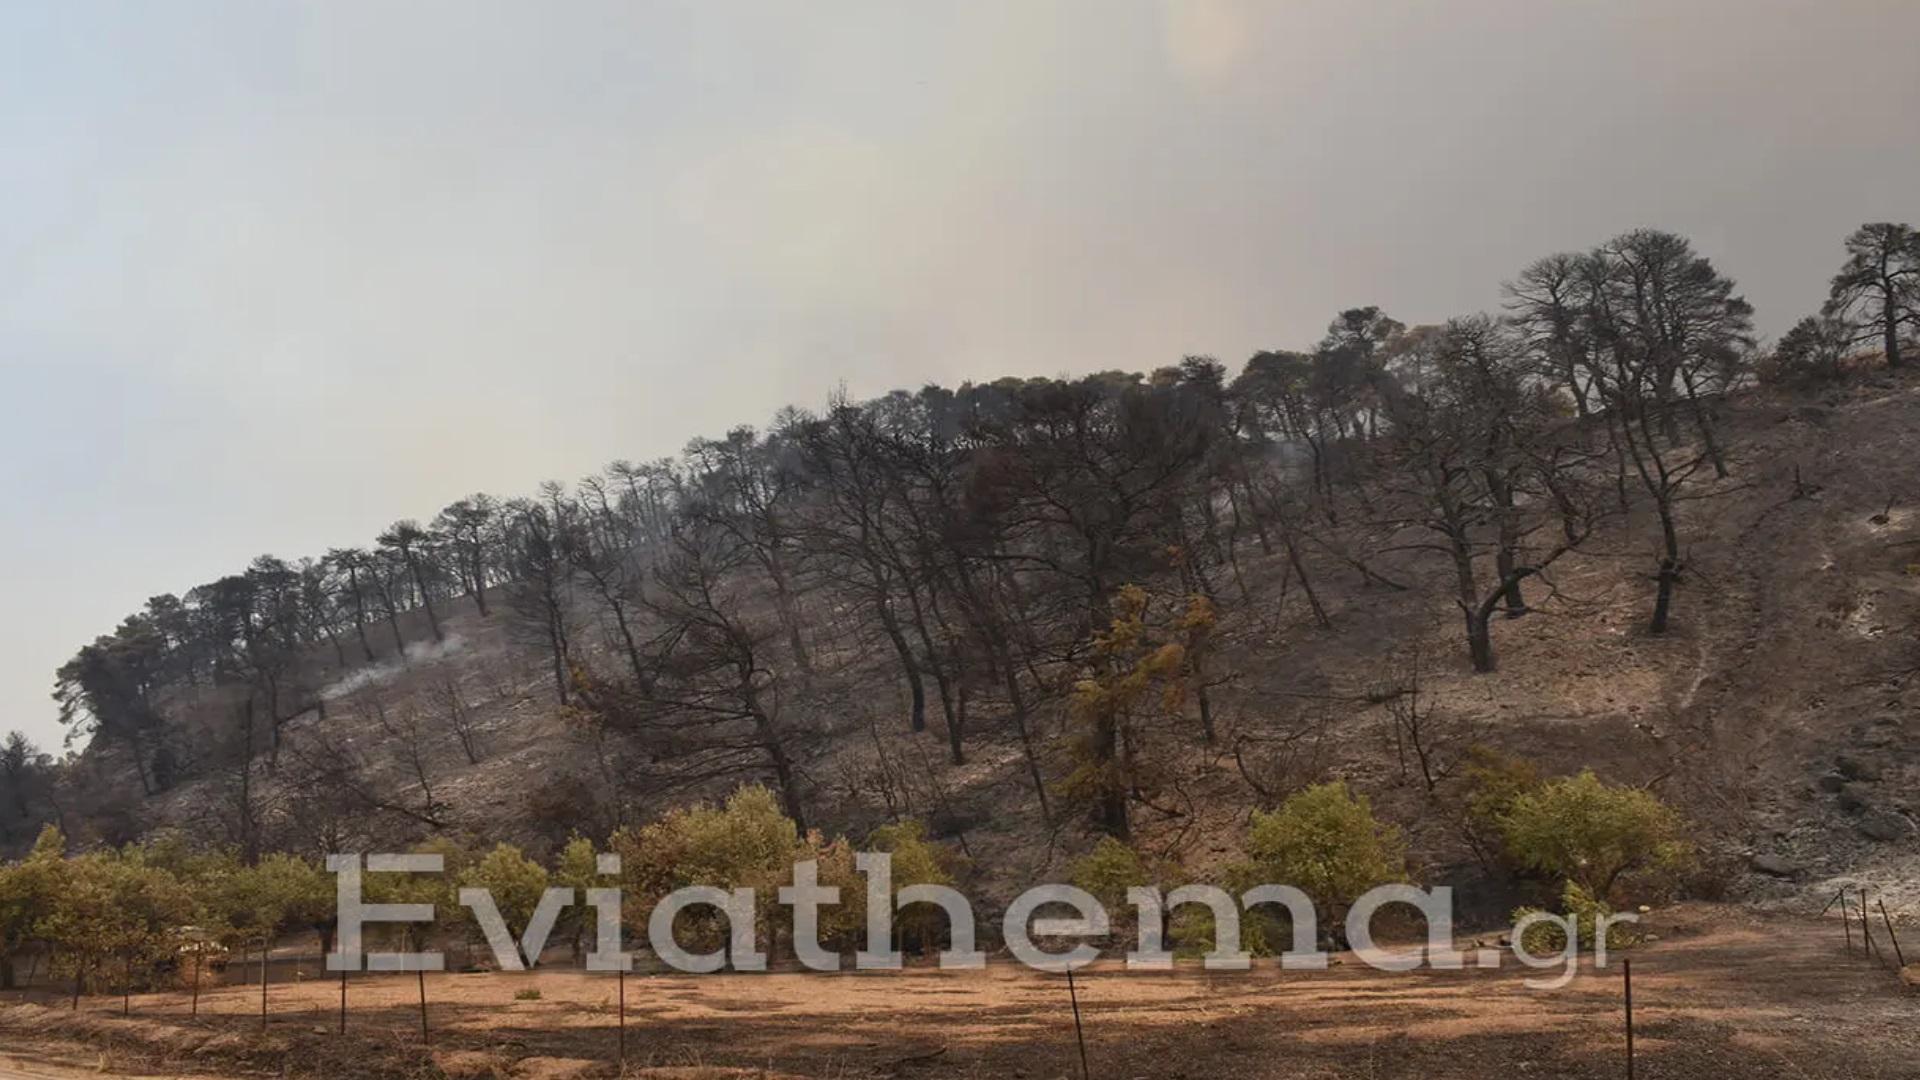 Φωτιά στην Εύβοια: Εγκλωβίστηκαν πυροσβέστες στους Κουρκουλούς – Εκκενώνονται συνεχώς οικισμοί